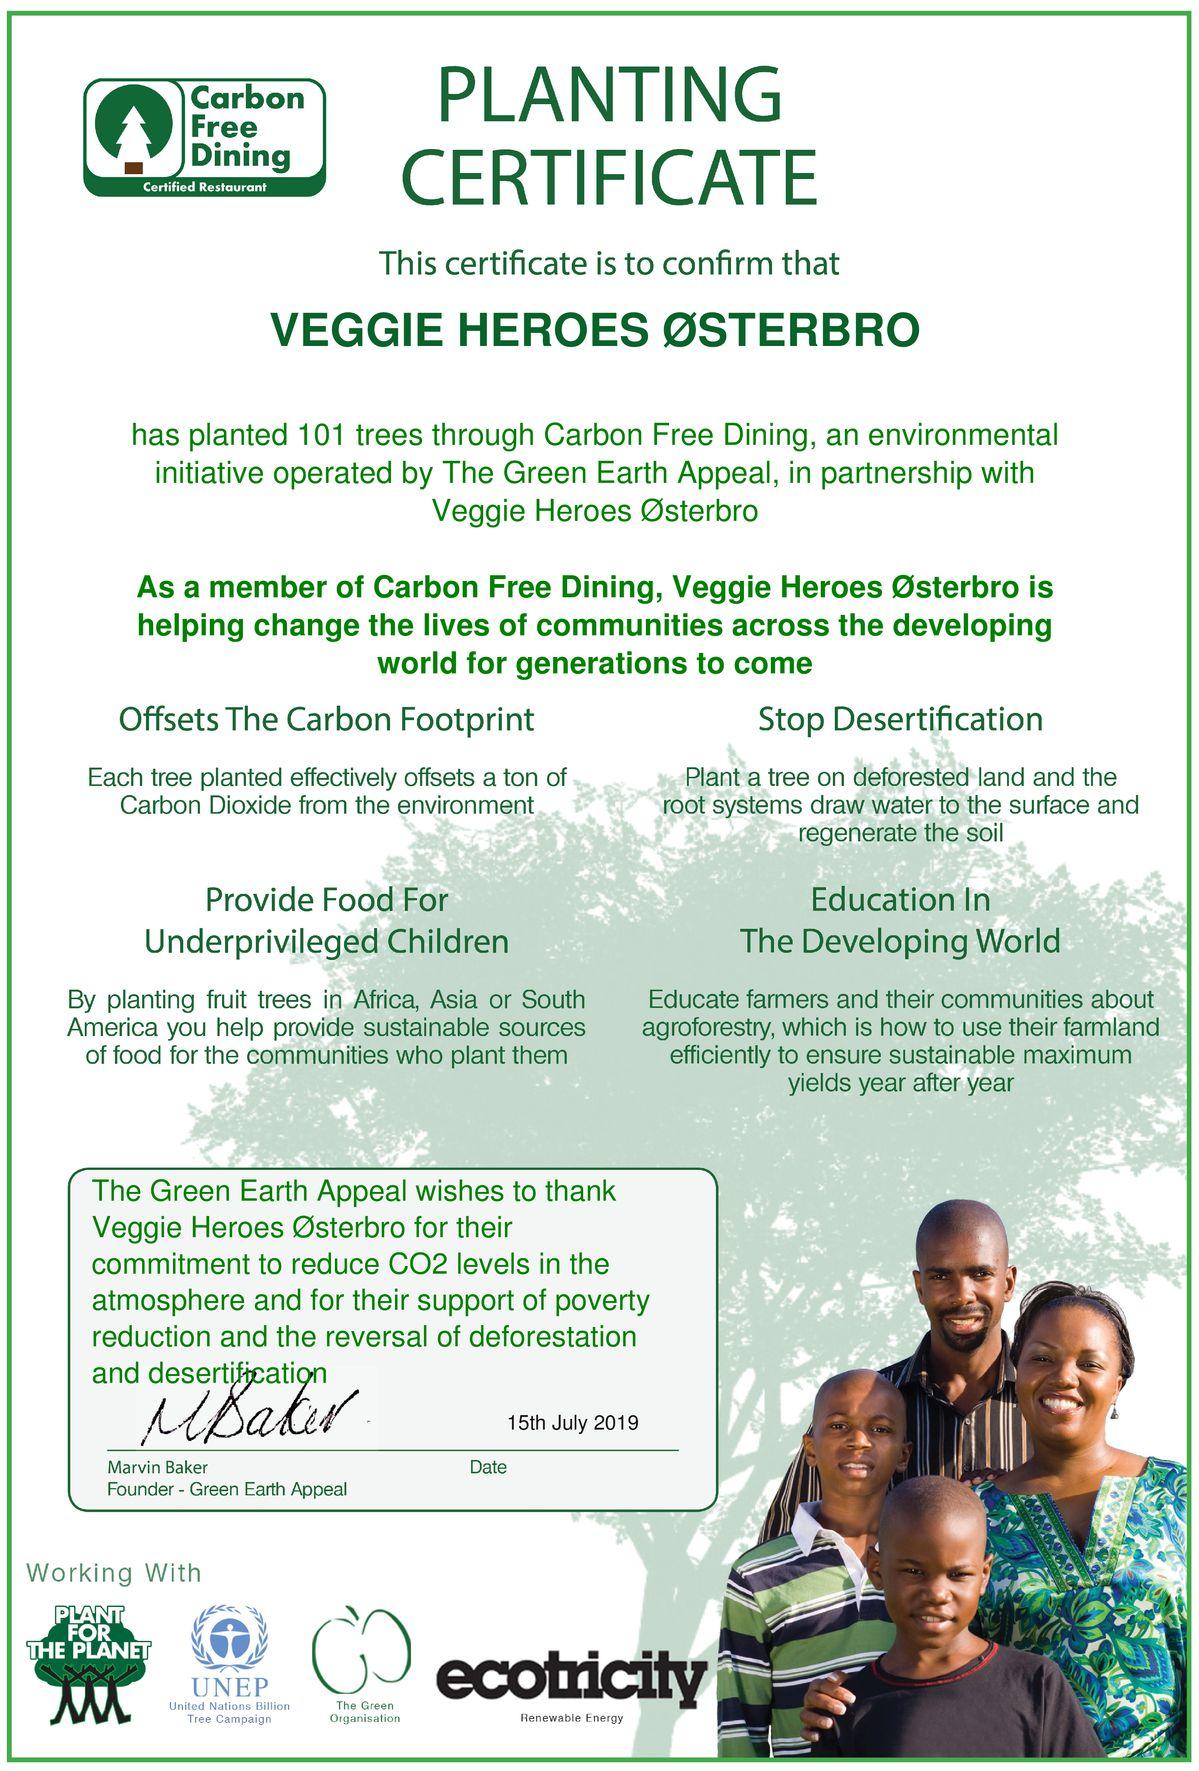 Veggie Heroes Østerbro